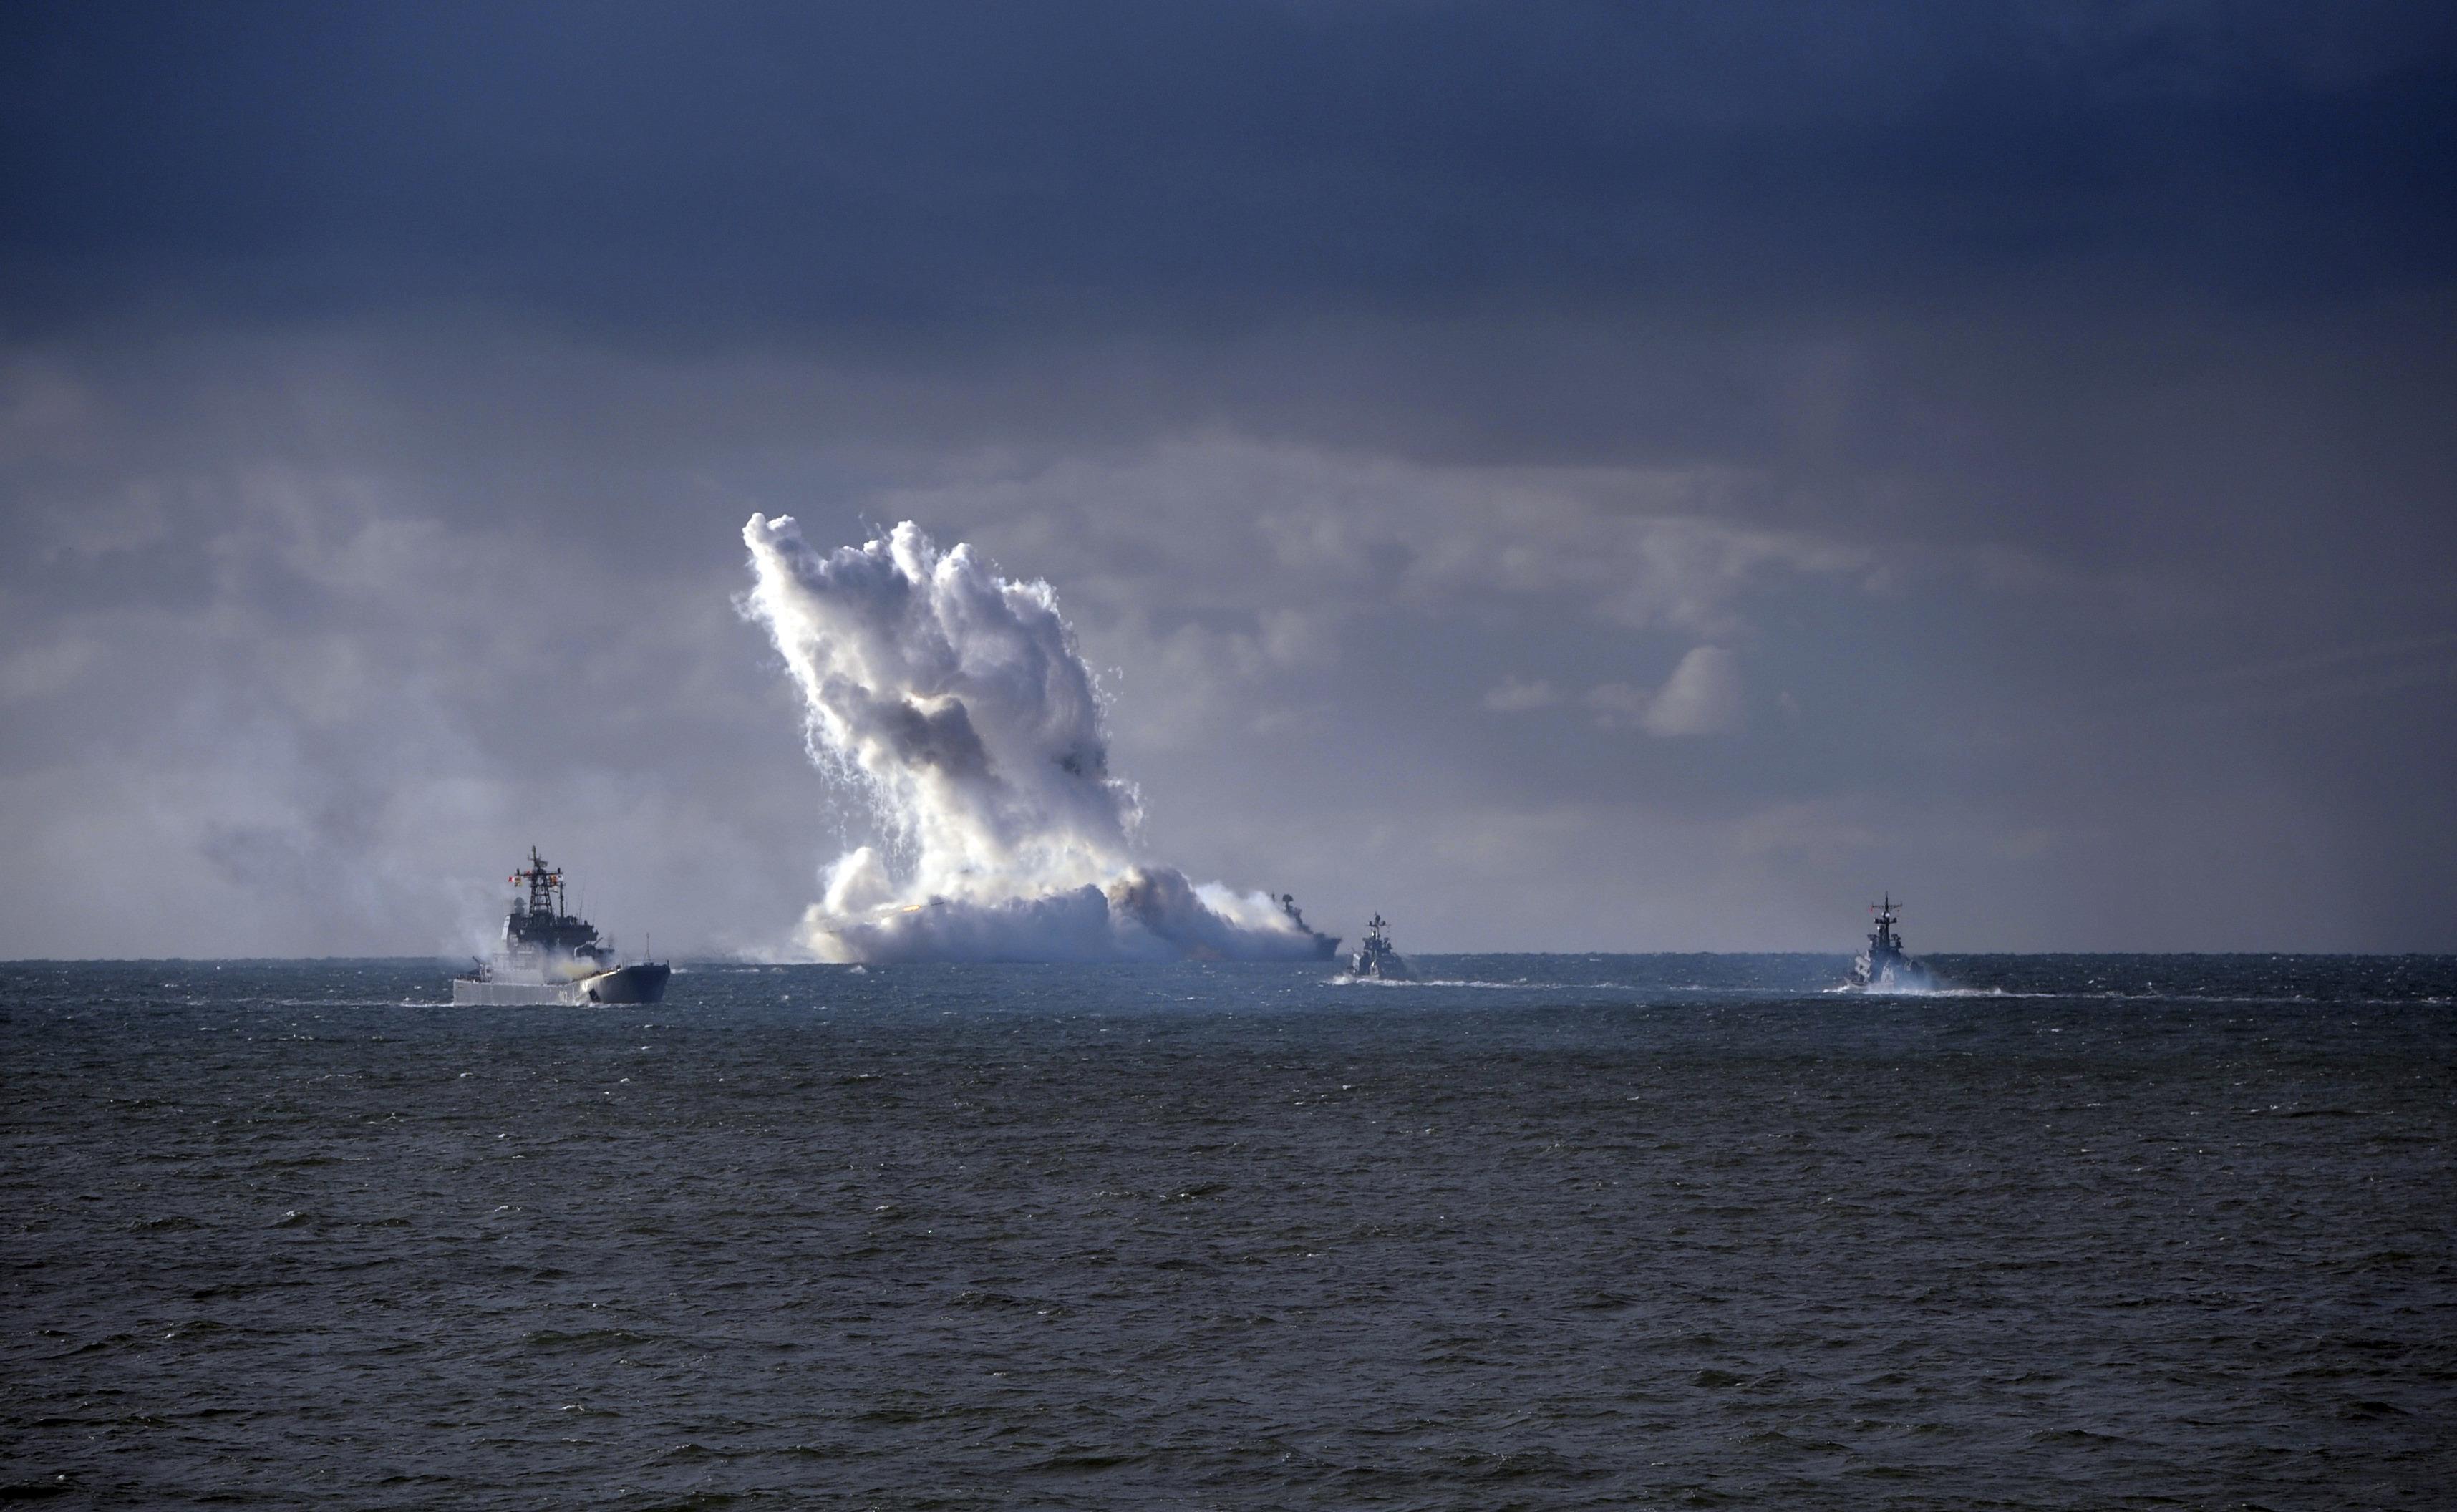 Image for Venemaa Balti laevastik – Potjomkini küla või vägevaim sõjaline jõud Läänemere piirkonnas?